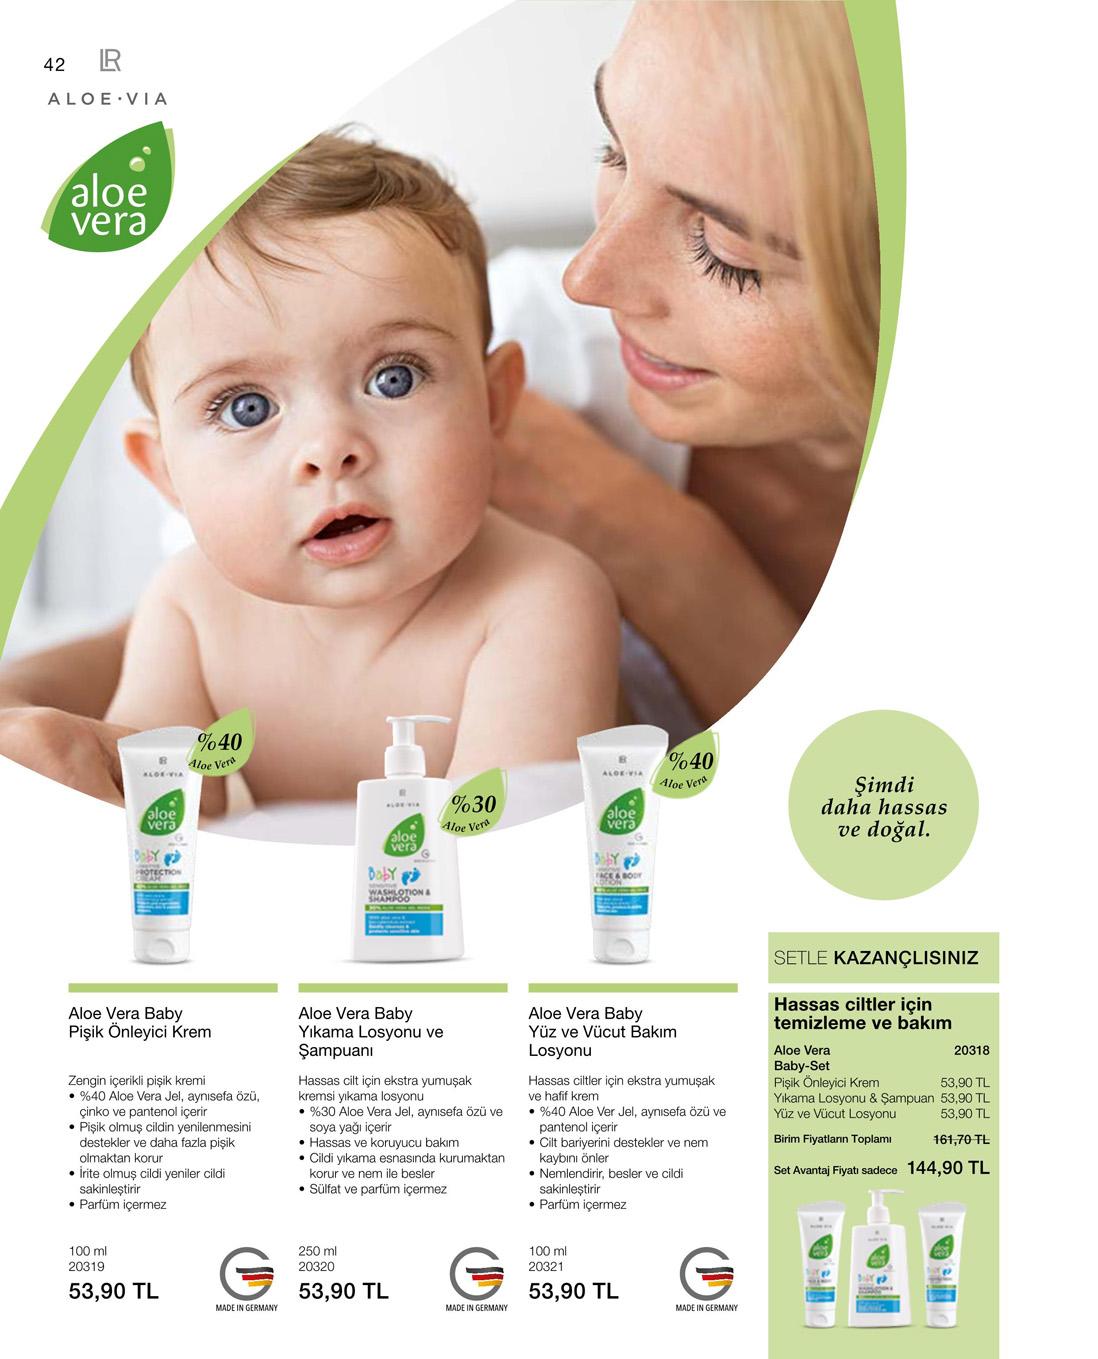 LR Aloe Vera Baby Hassas Pişik Önleyici Krem katalog